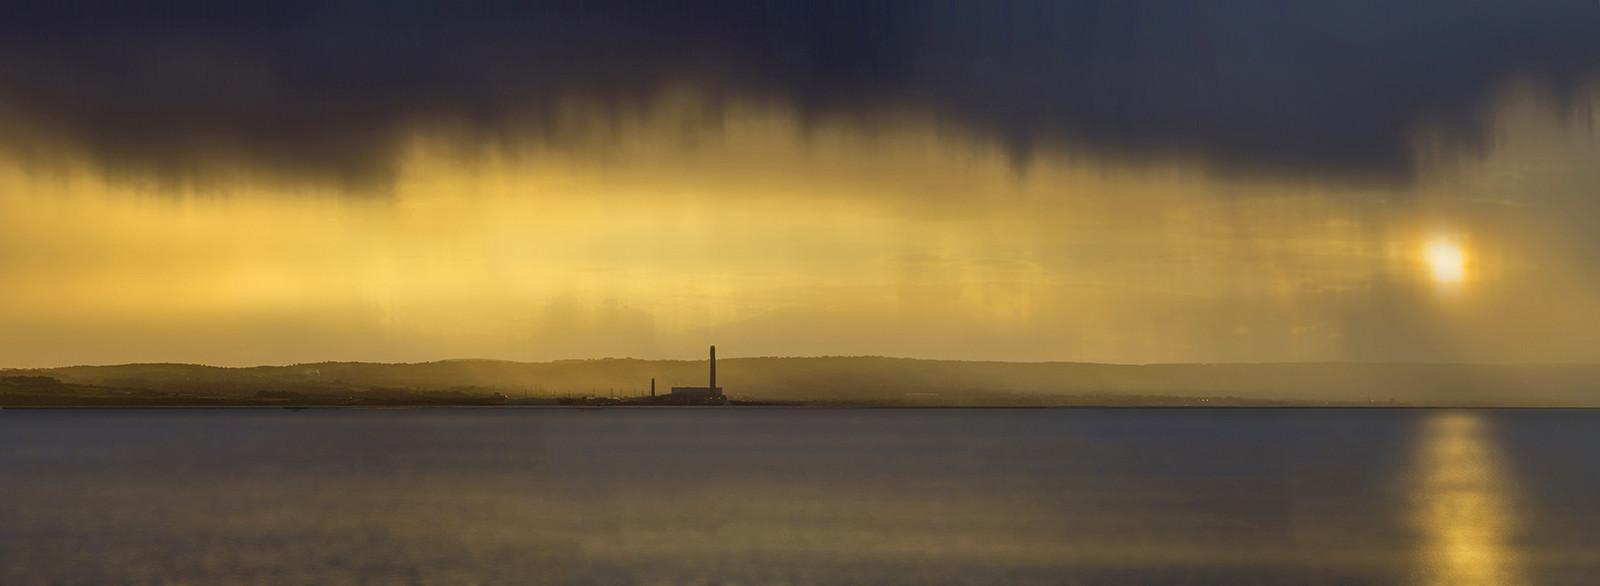 PDI - Belfast Lough by Alan Field (9 marks)